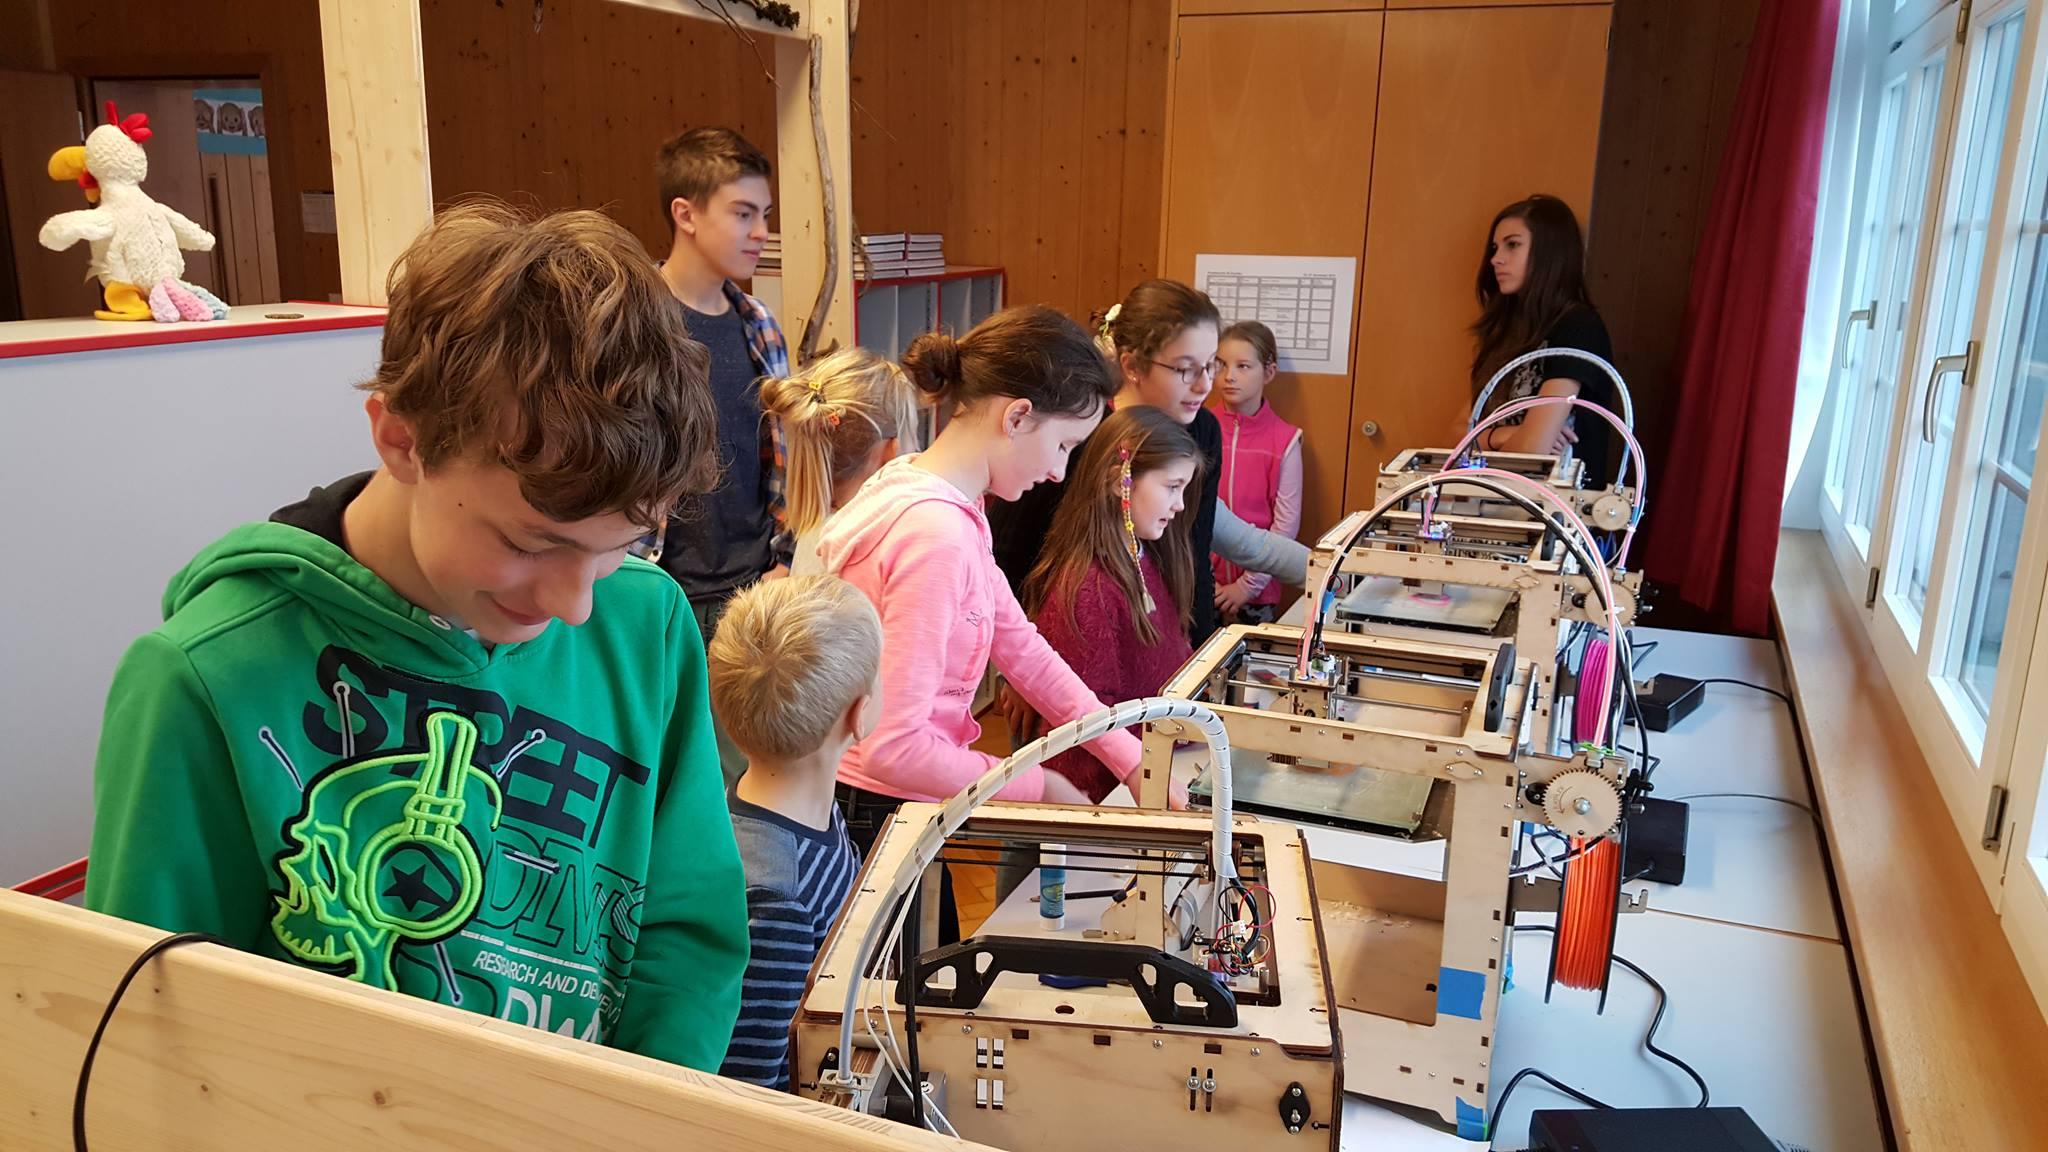 Schülerinnen und Schüler verschiedener Klassen arbeiten zusammen mit den Ultimaker 3D-Druckern